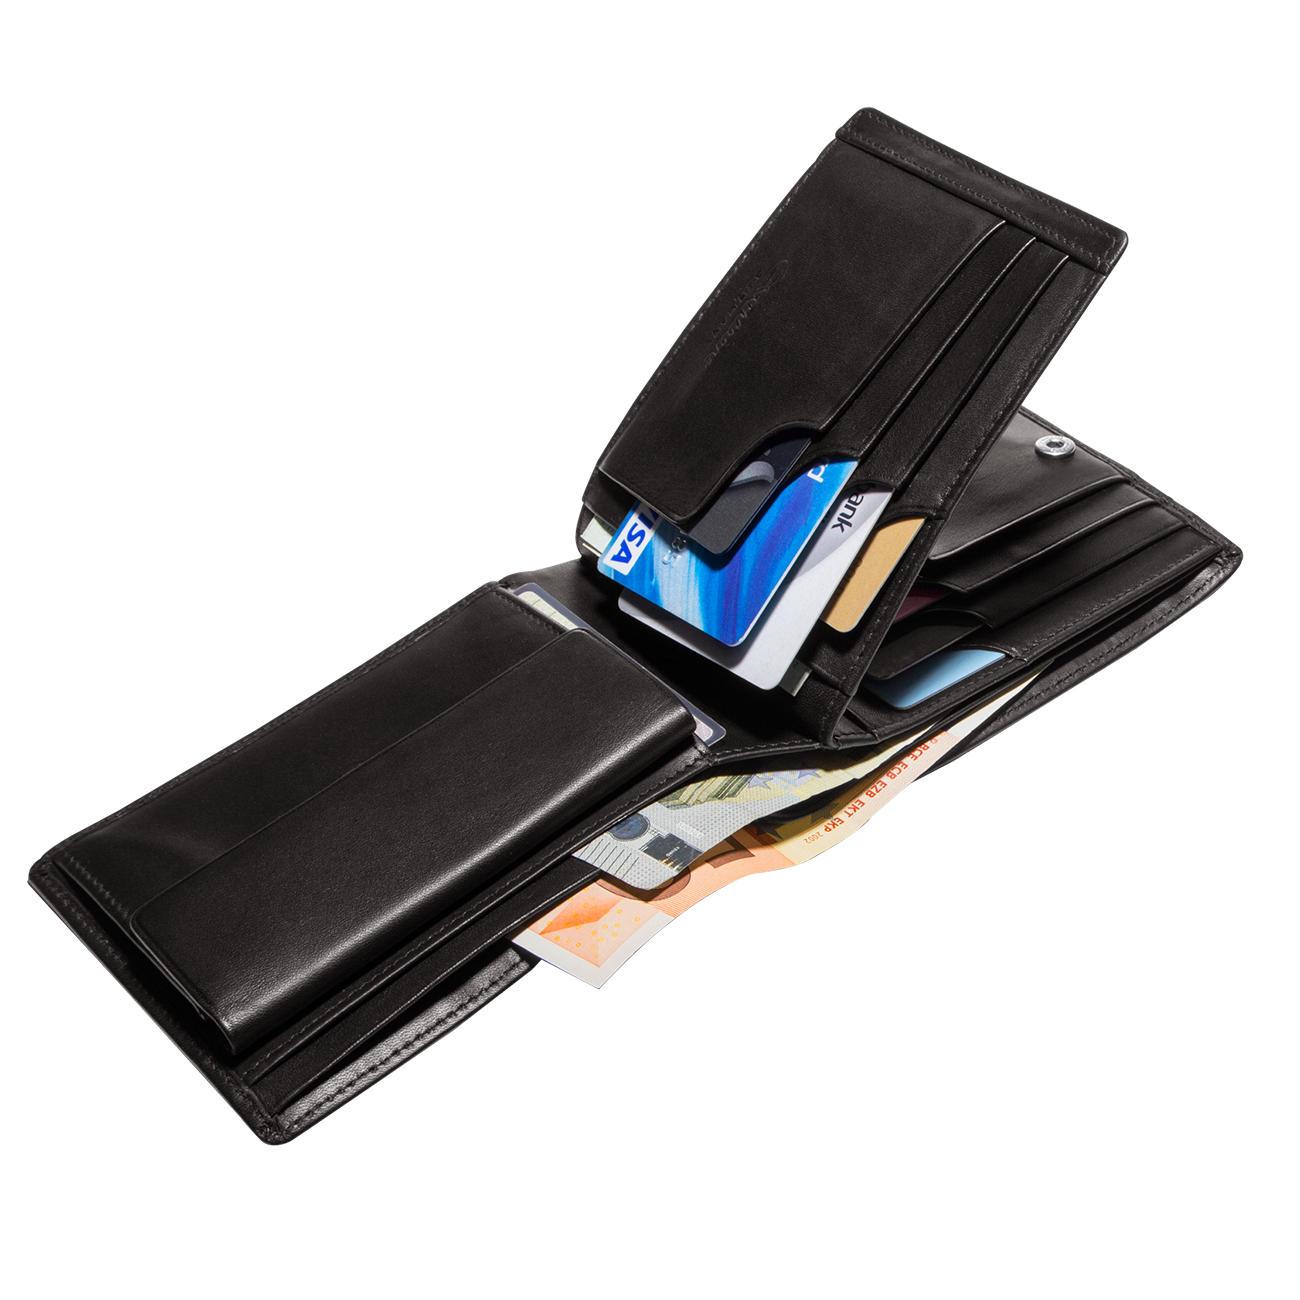 e47d2569c4a9f Patentierte Lederbörse - Mit patentiertem Sicherungssystem für Ihre  Kreditkarten. Lässt keine Karte mehr herausfallen. Integrierter  RFID-Diebstahlschutz.